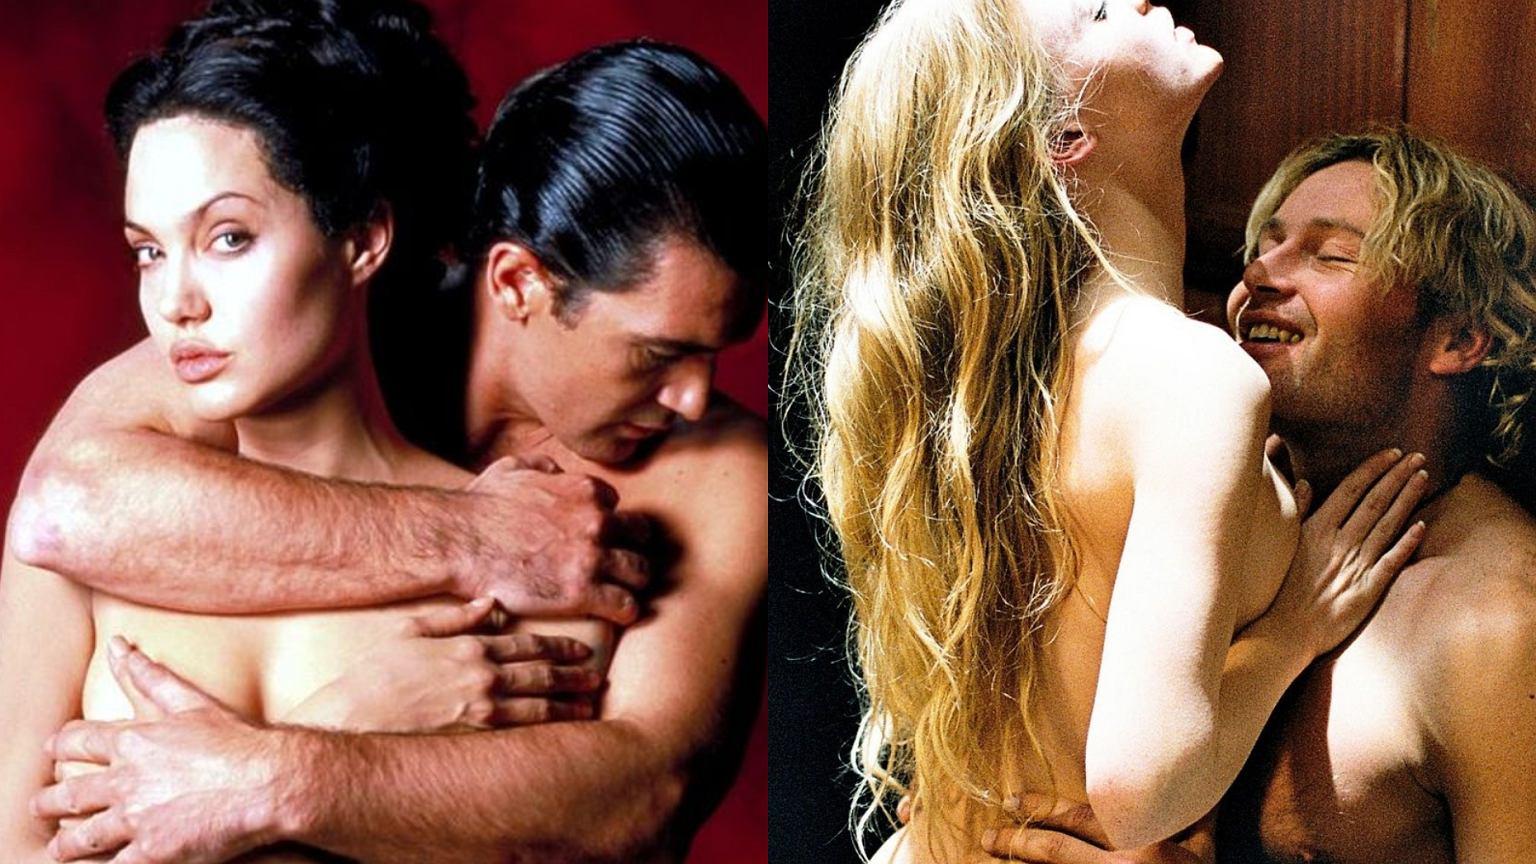 Filmy porno z imprezami erotycznymi